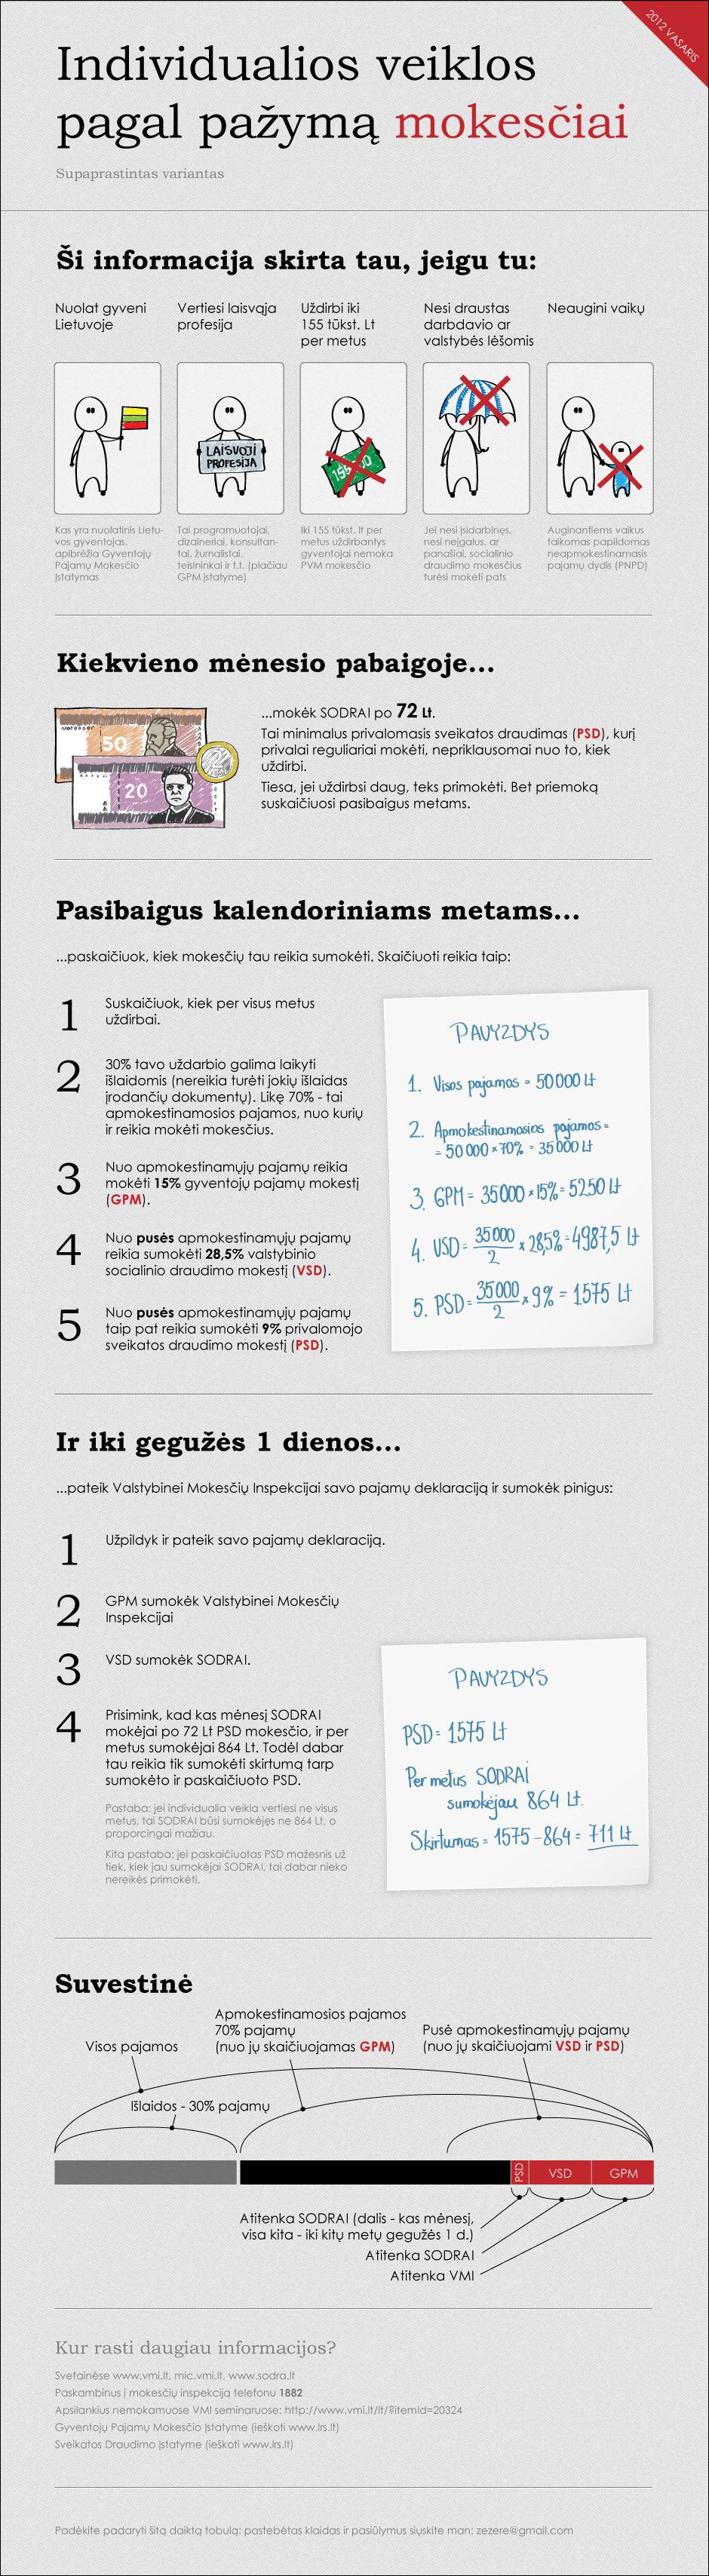 IVV-pagal-pazyma-mokesciai-supaprastinti-2012-02